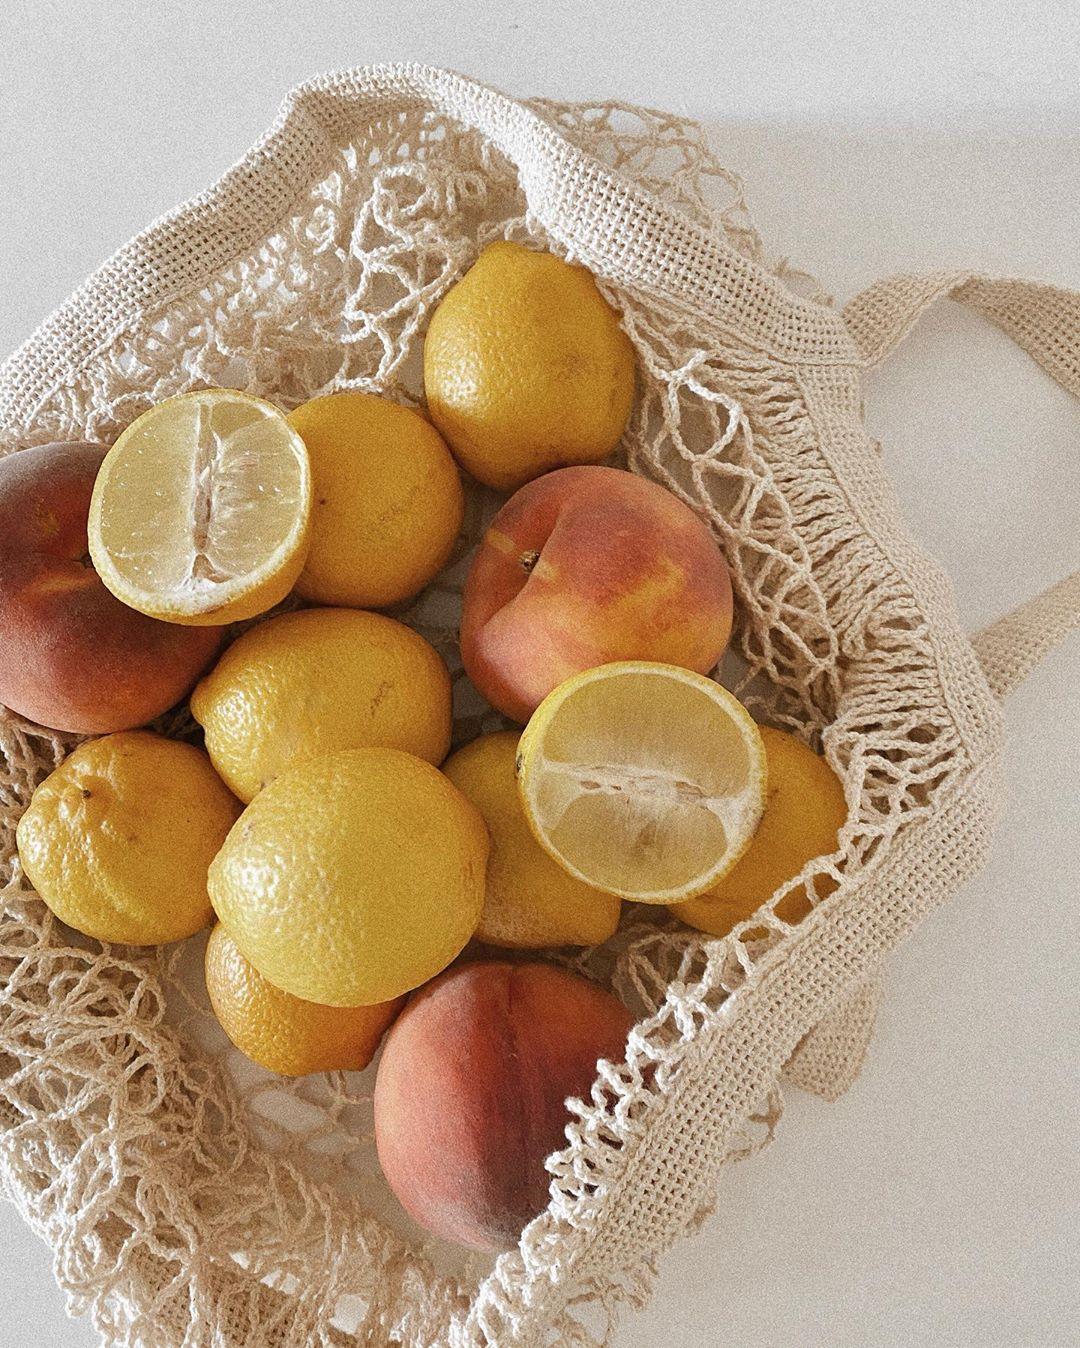 10 aliments qui rehausseront l'éclat de votre peau